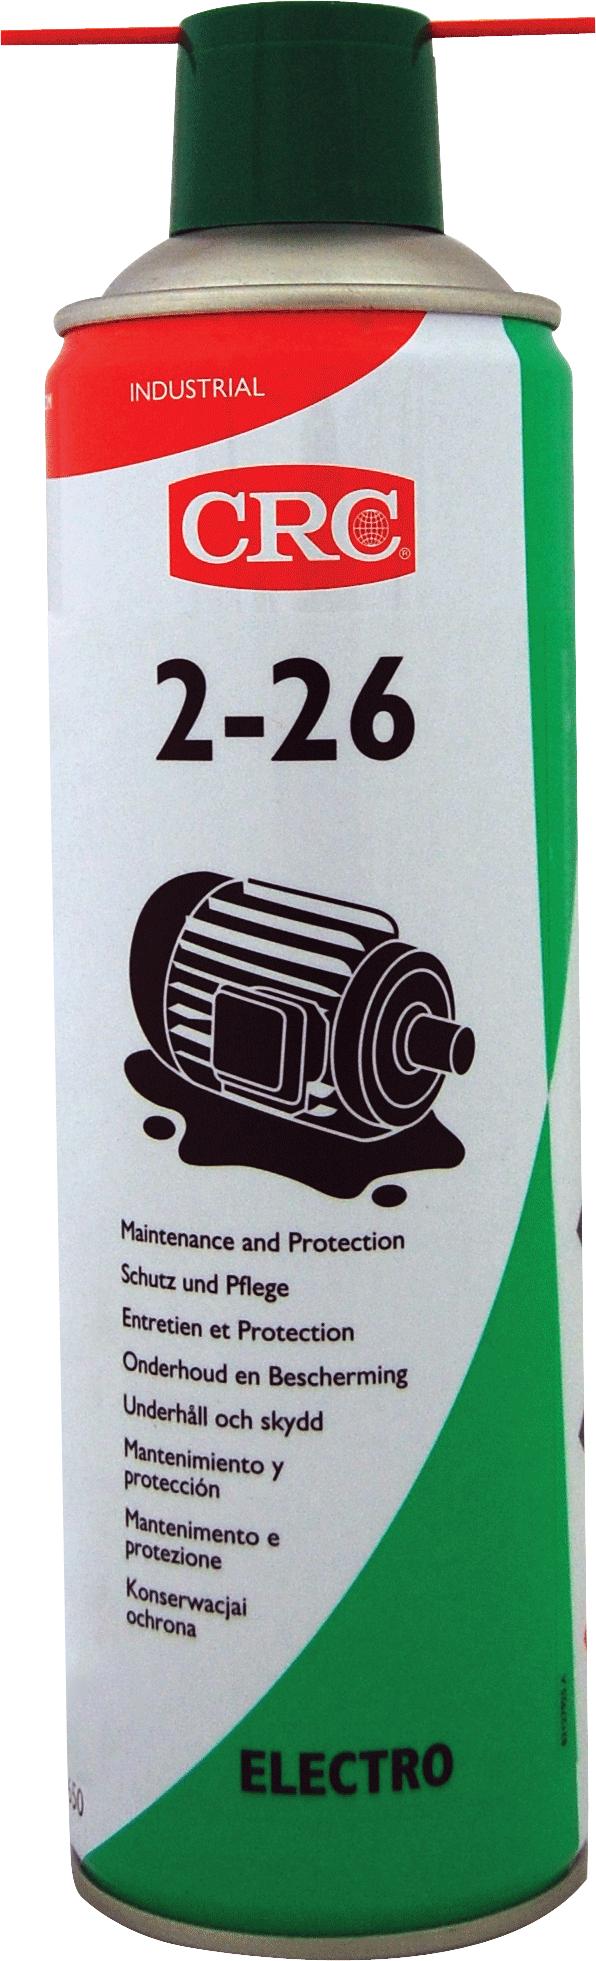 Afbeelding van crc industry 2 26 500 ml, spuitbus